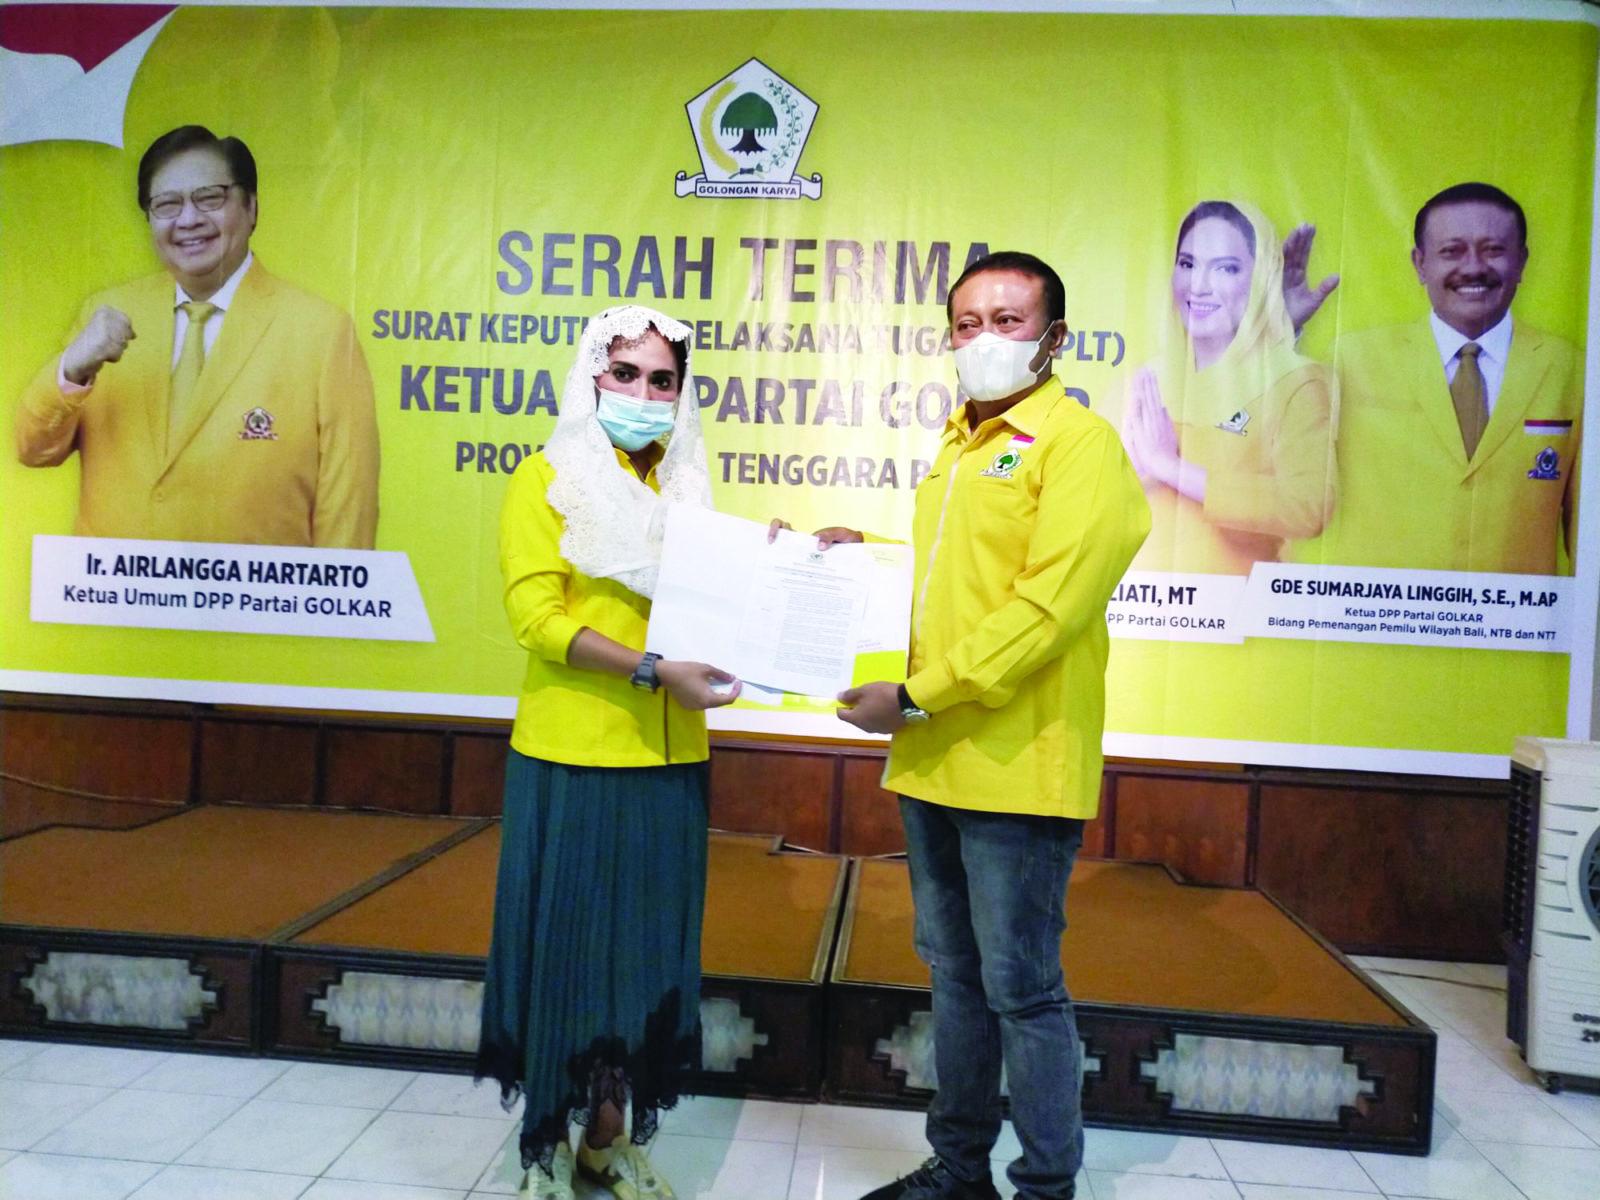 WAKIL Bendahara Umum DPP Golkar, Sari Yuliati saat menyerahkan SK Plt Ketua DPD Partai Golkar NTB kepada I Gde Sumarjaya Linggih (Demer). Foto: rul